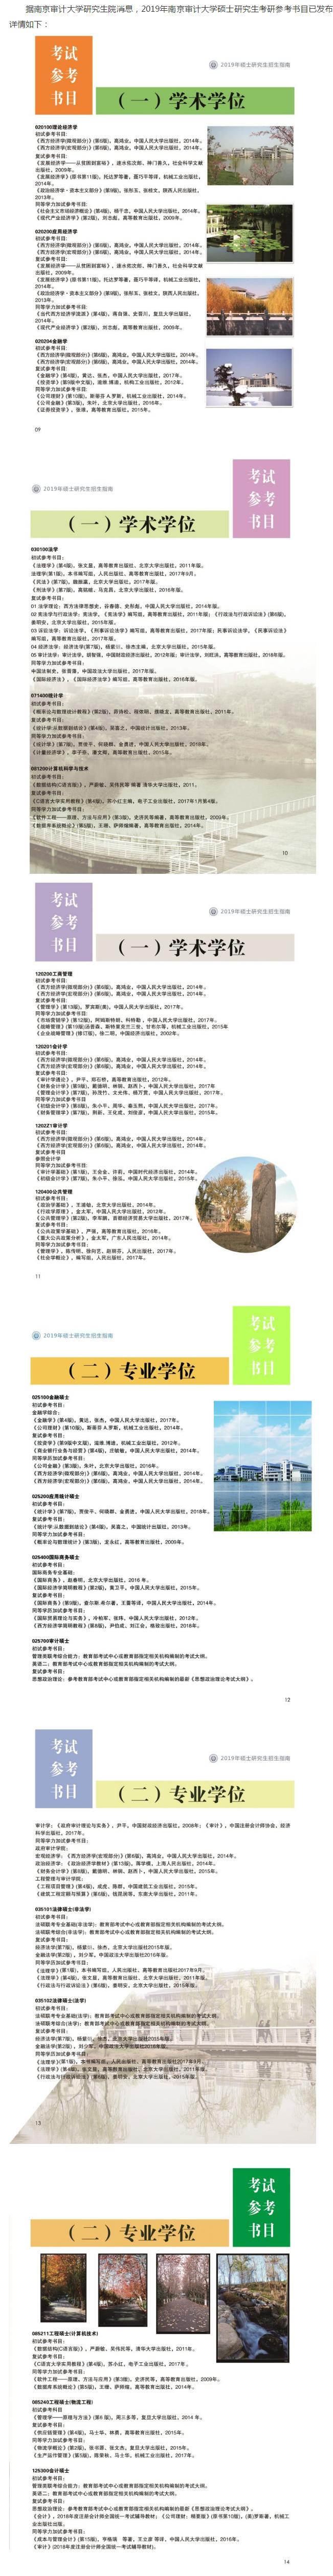 2019考研参考书